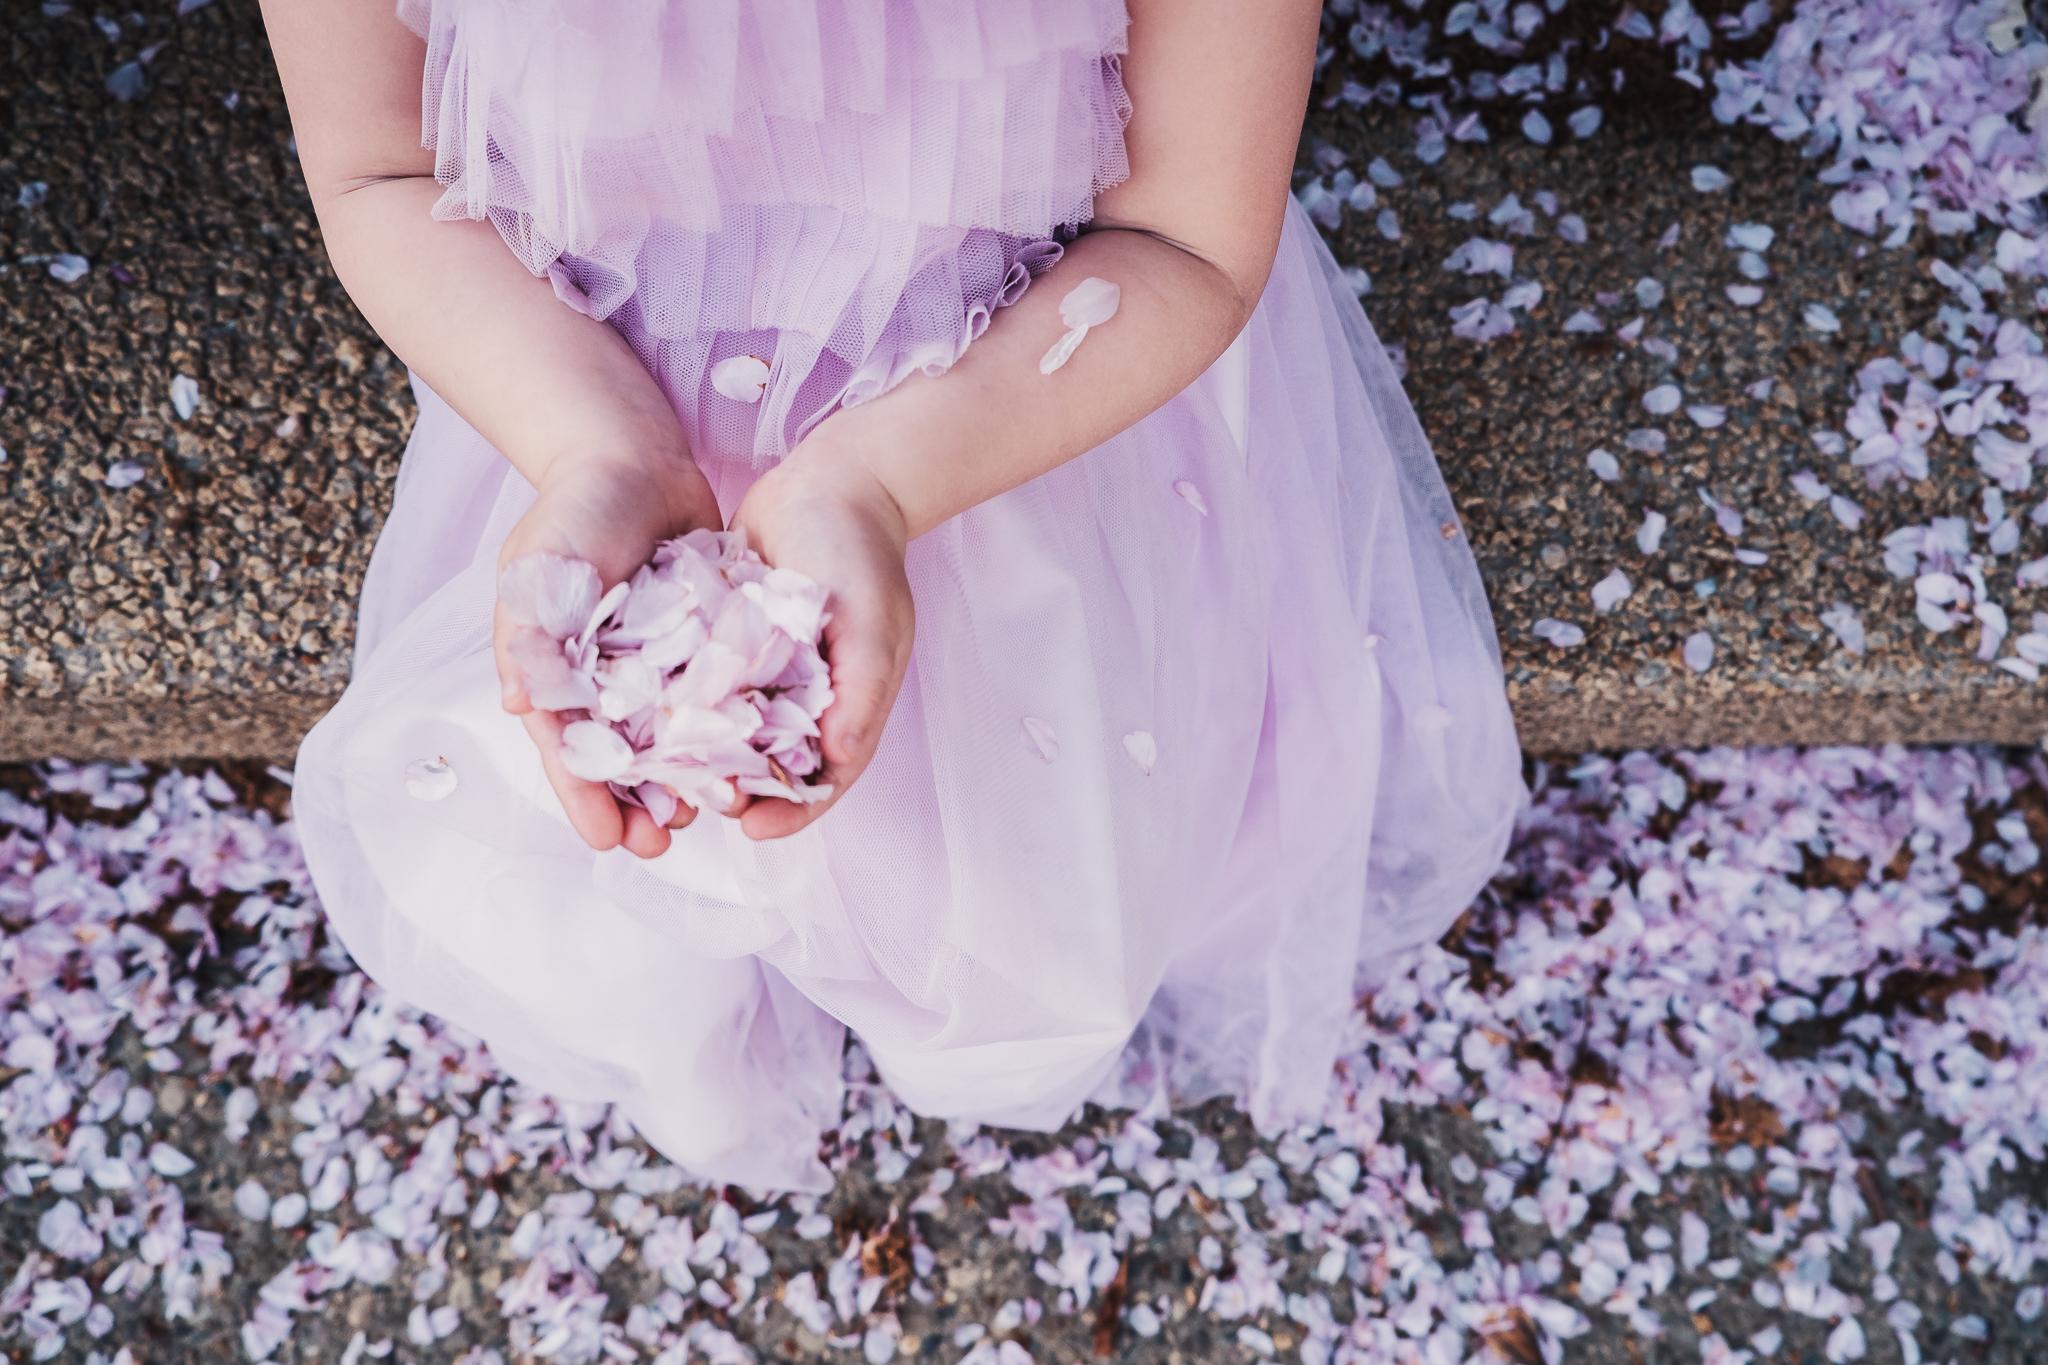 flower pedals in girls hand